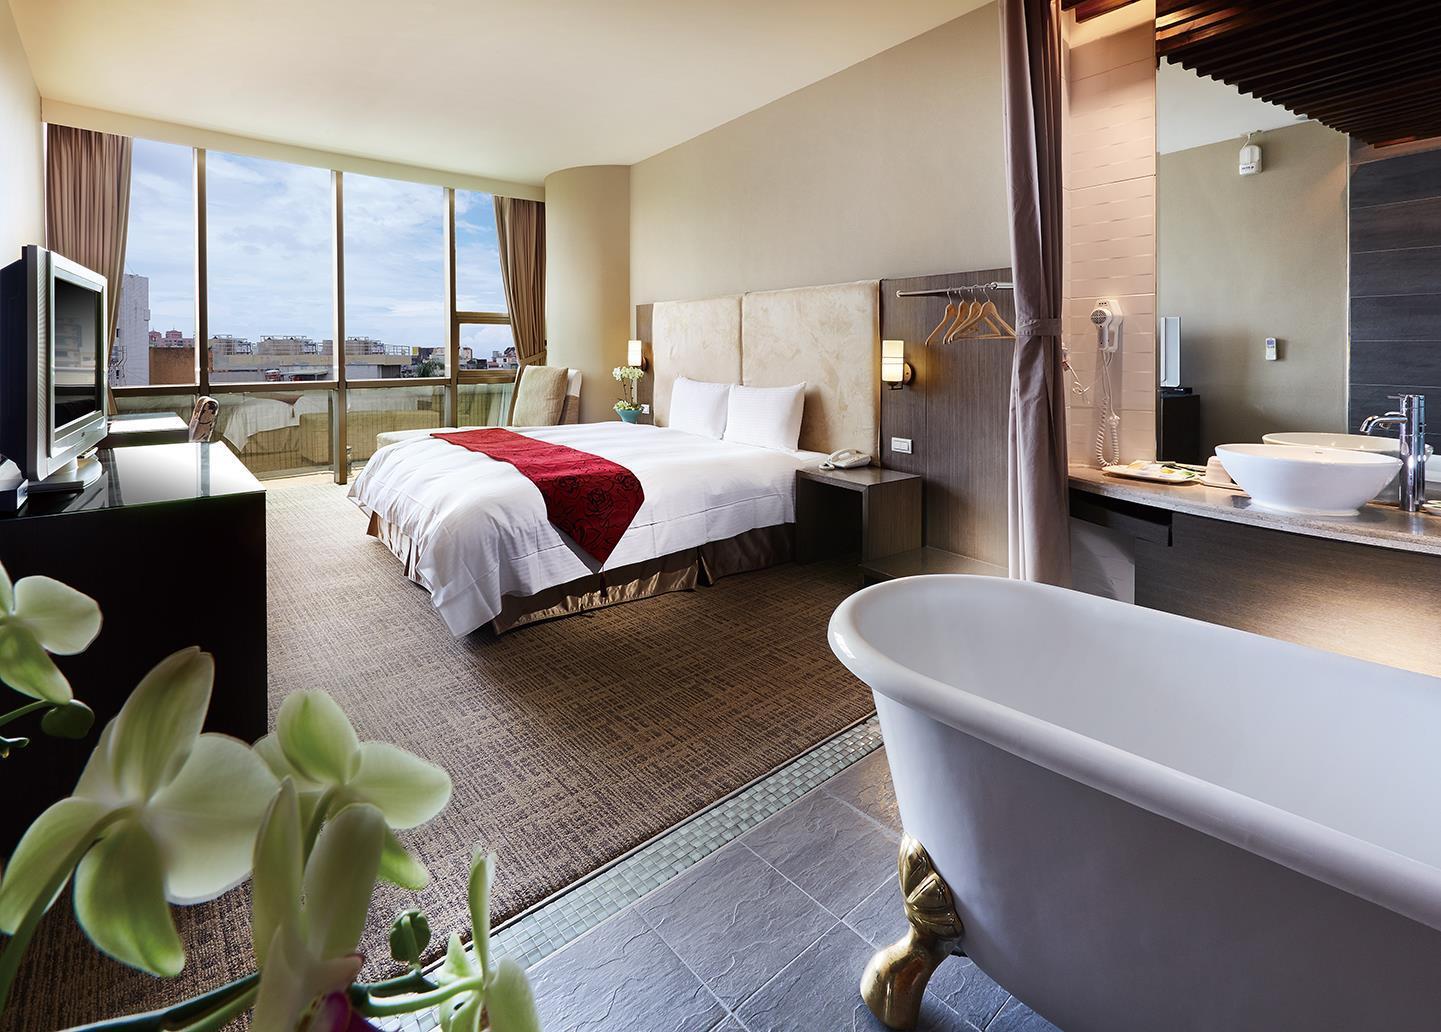 L.T. City Hotel